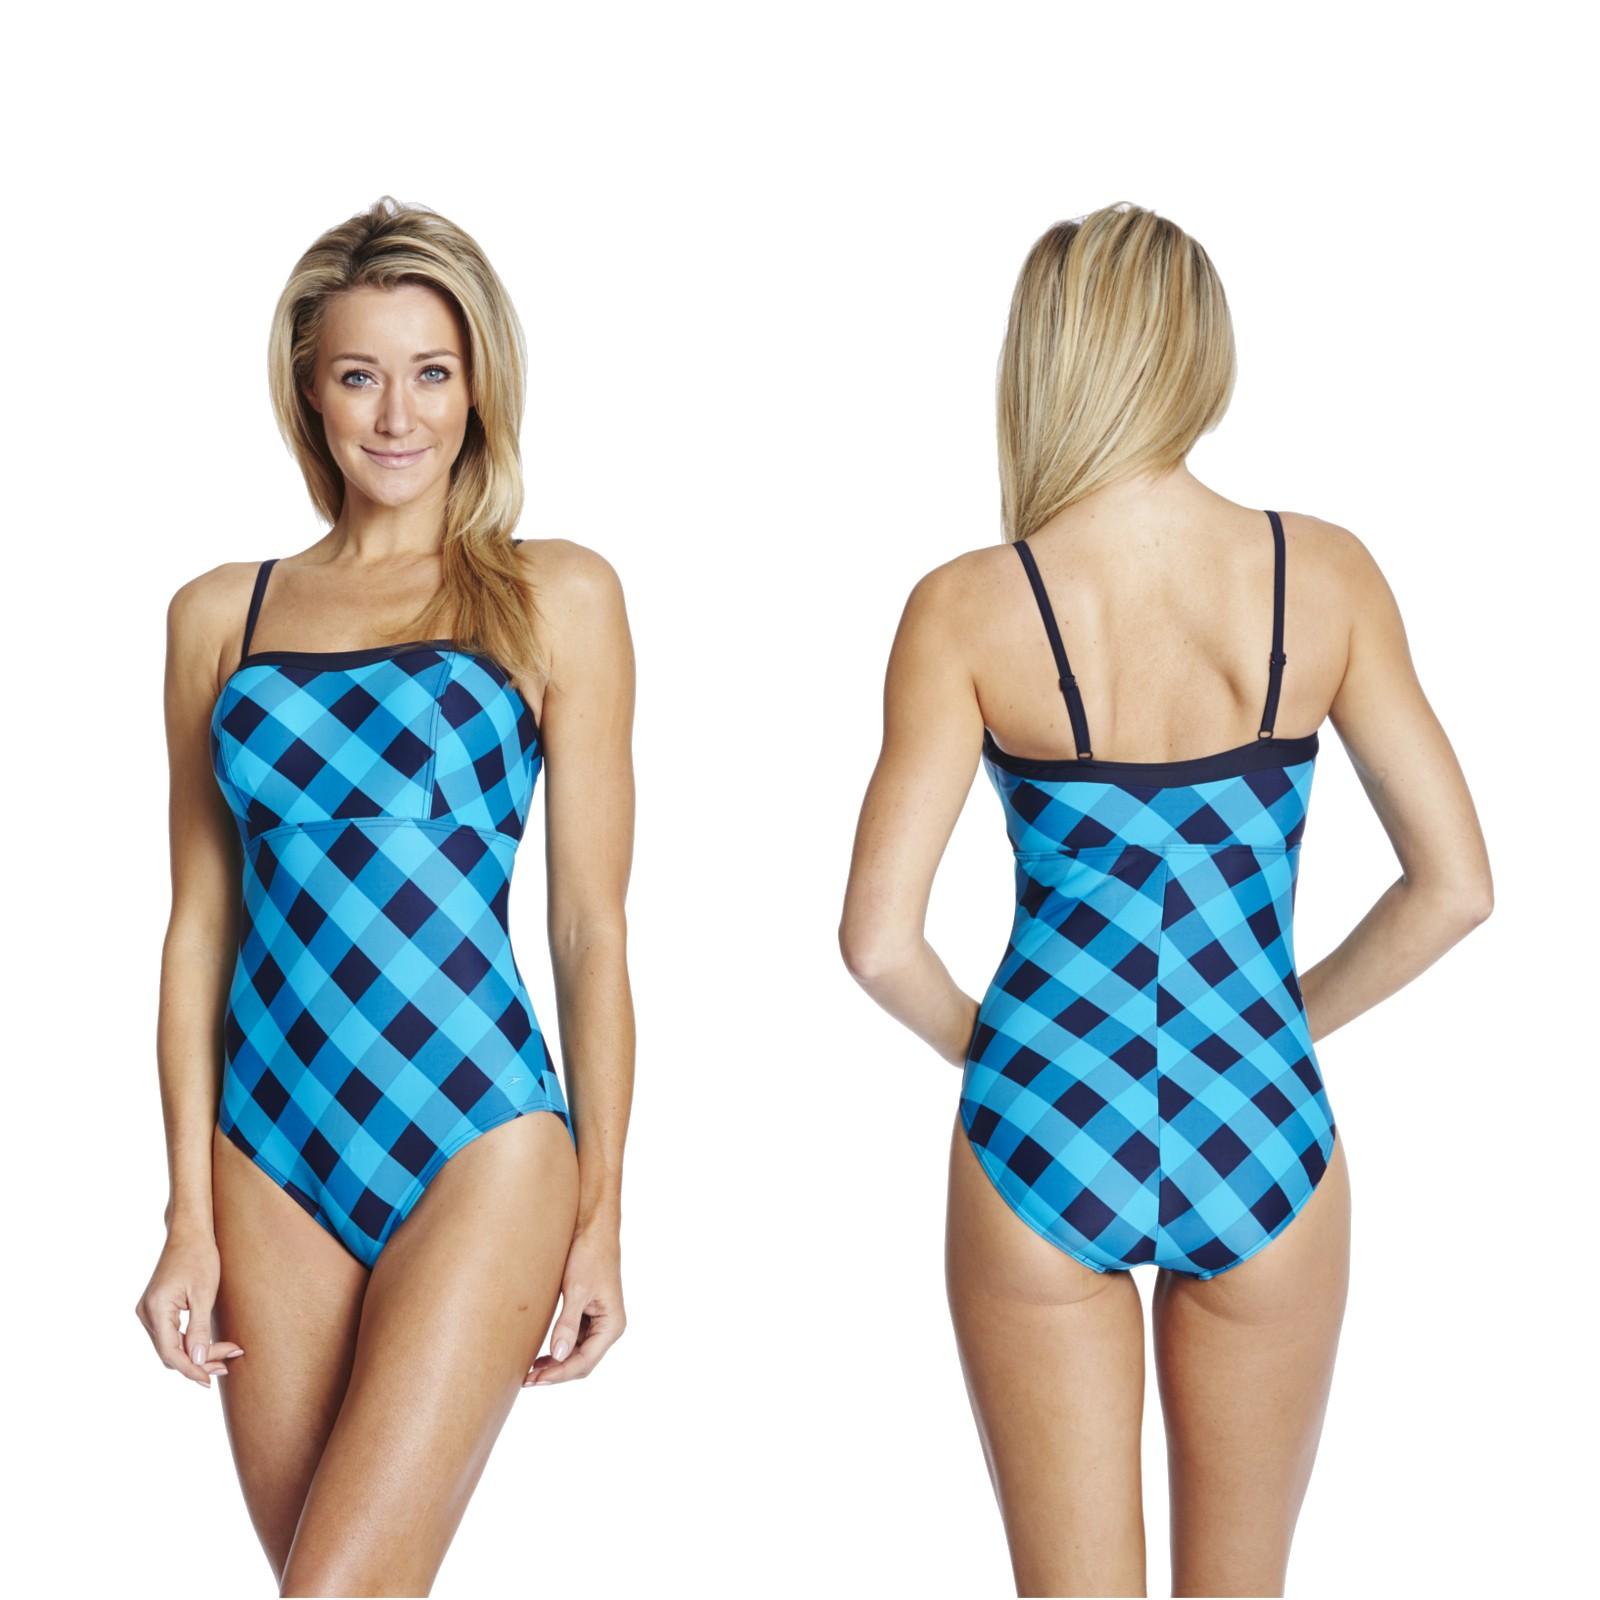 100% authentic 2c3b6 327e1 Badeanzug von Speedo für Damen und Frauen mit Cups